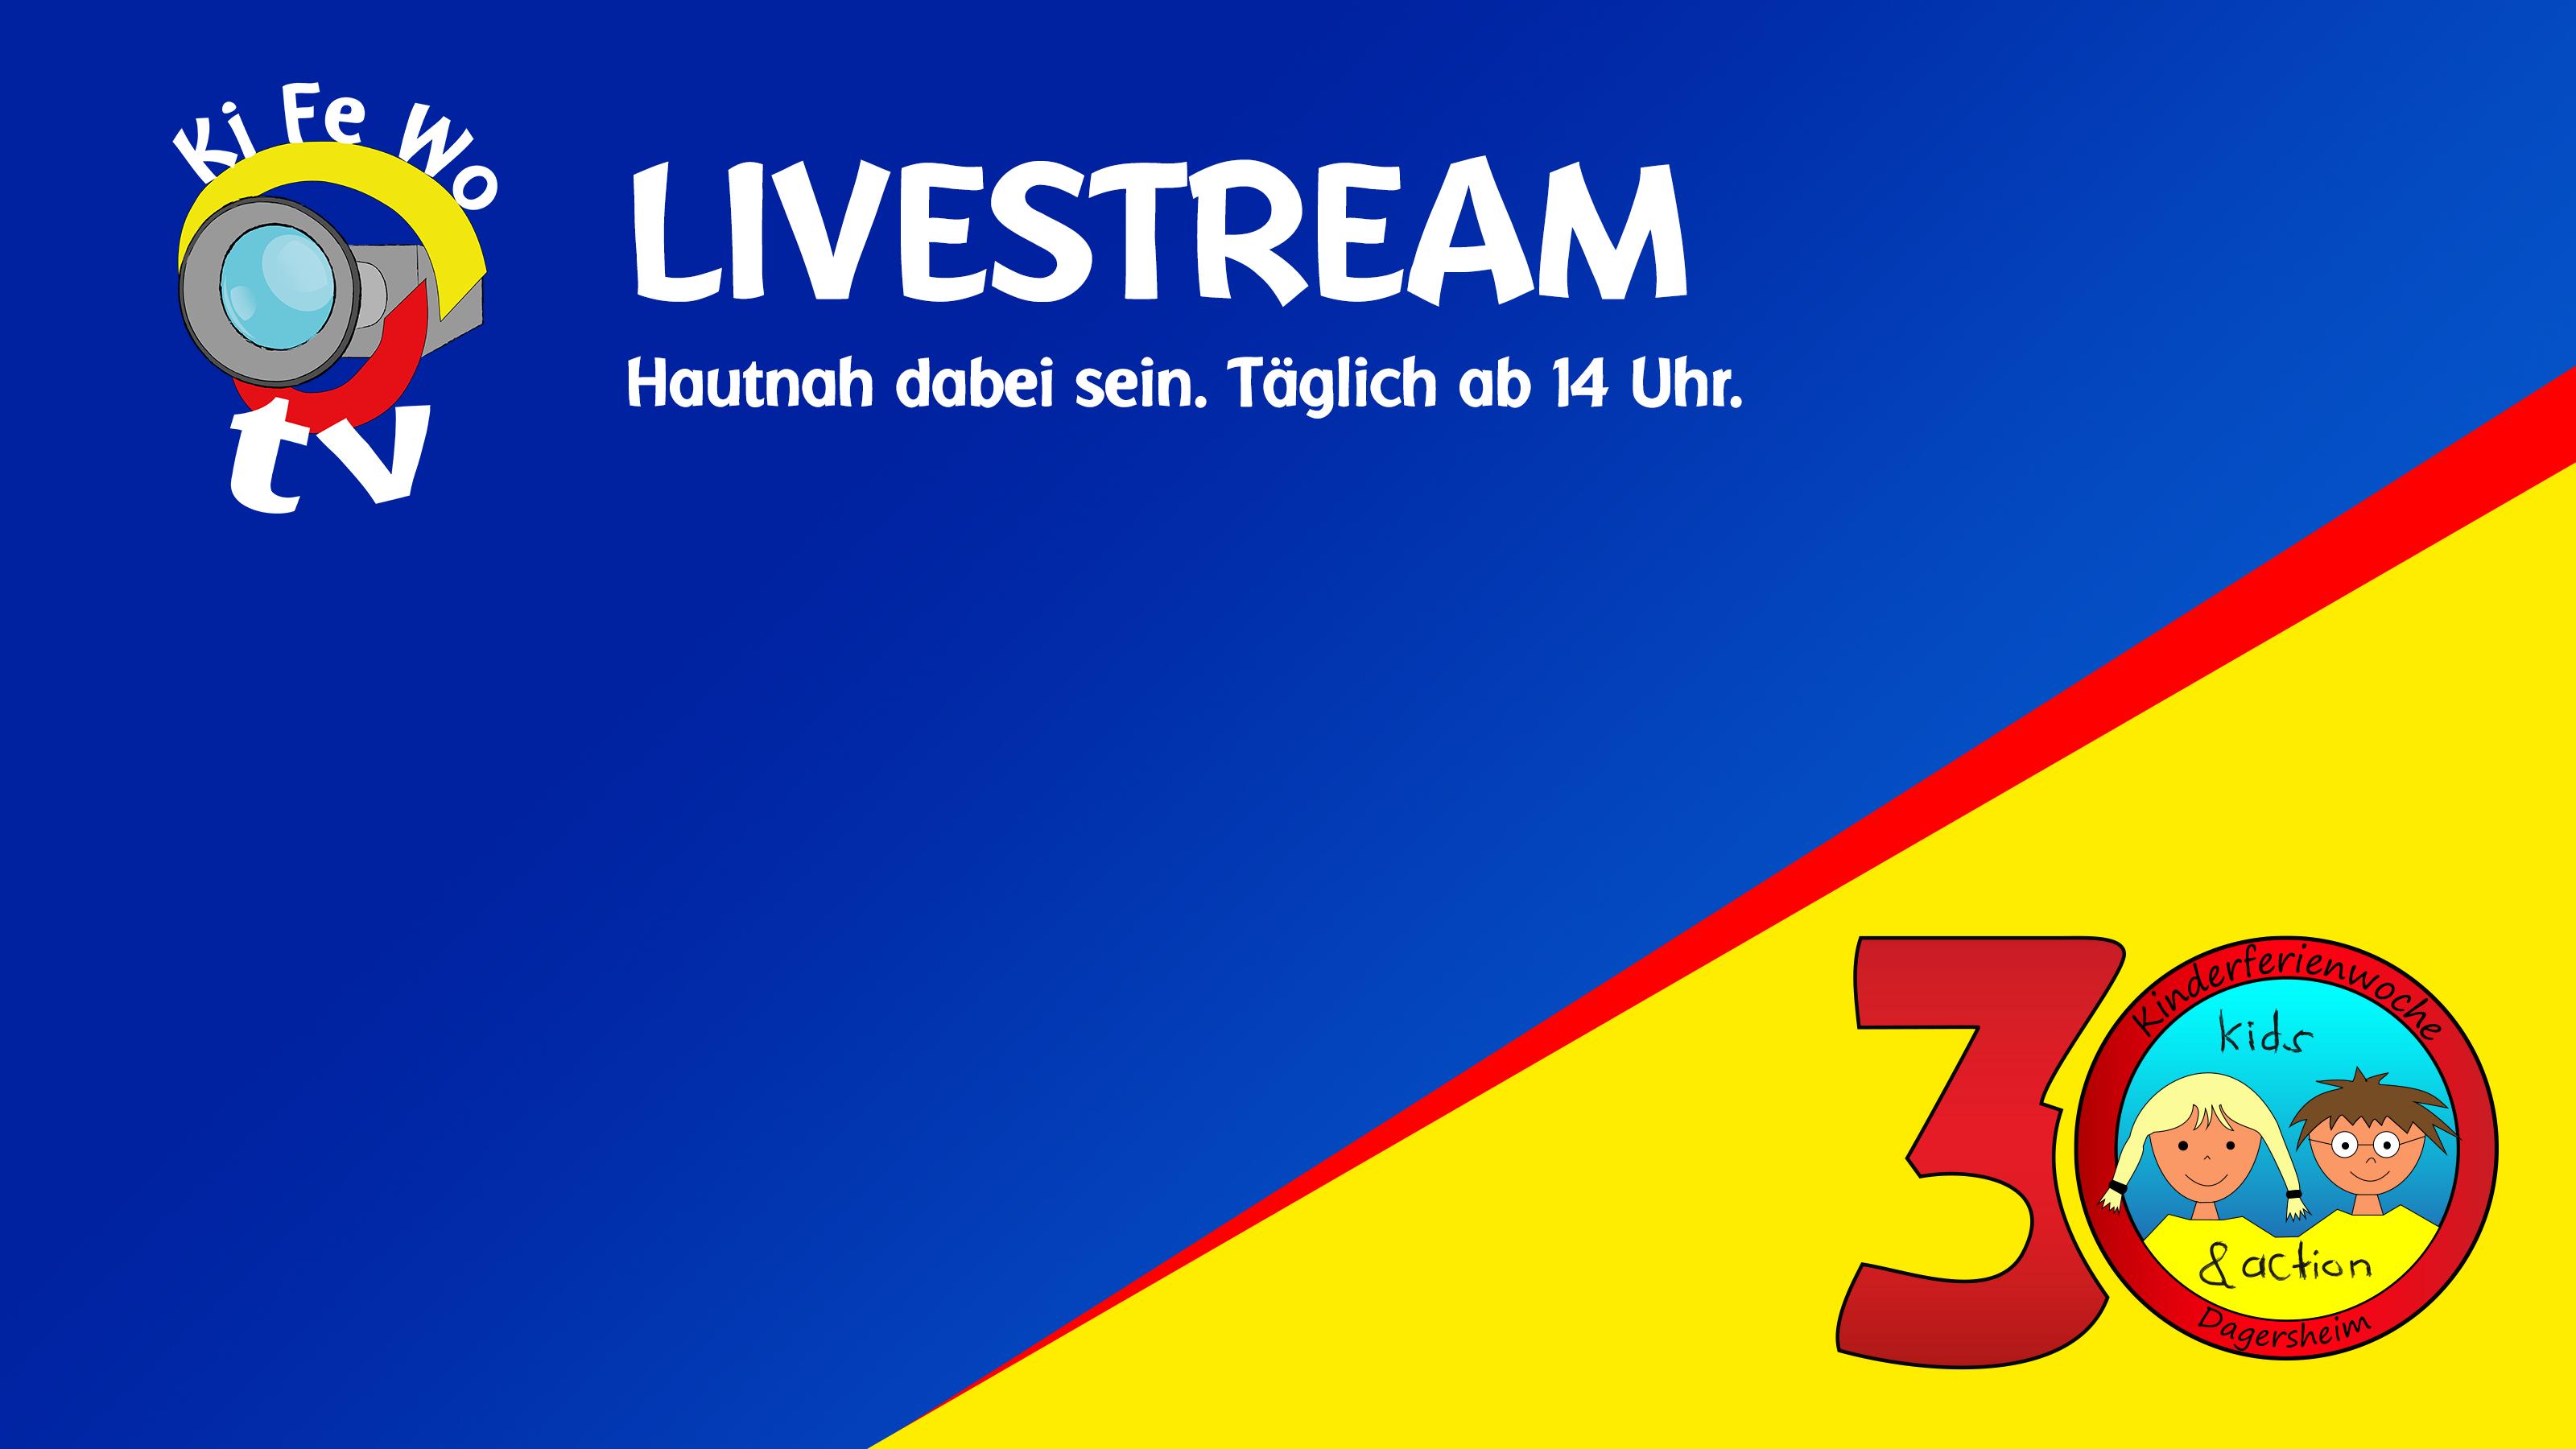 Zurzeit kein Livestream